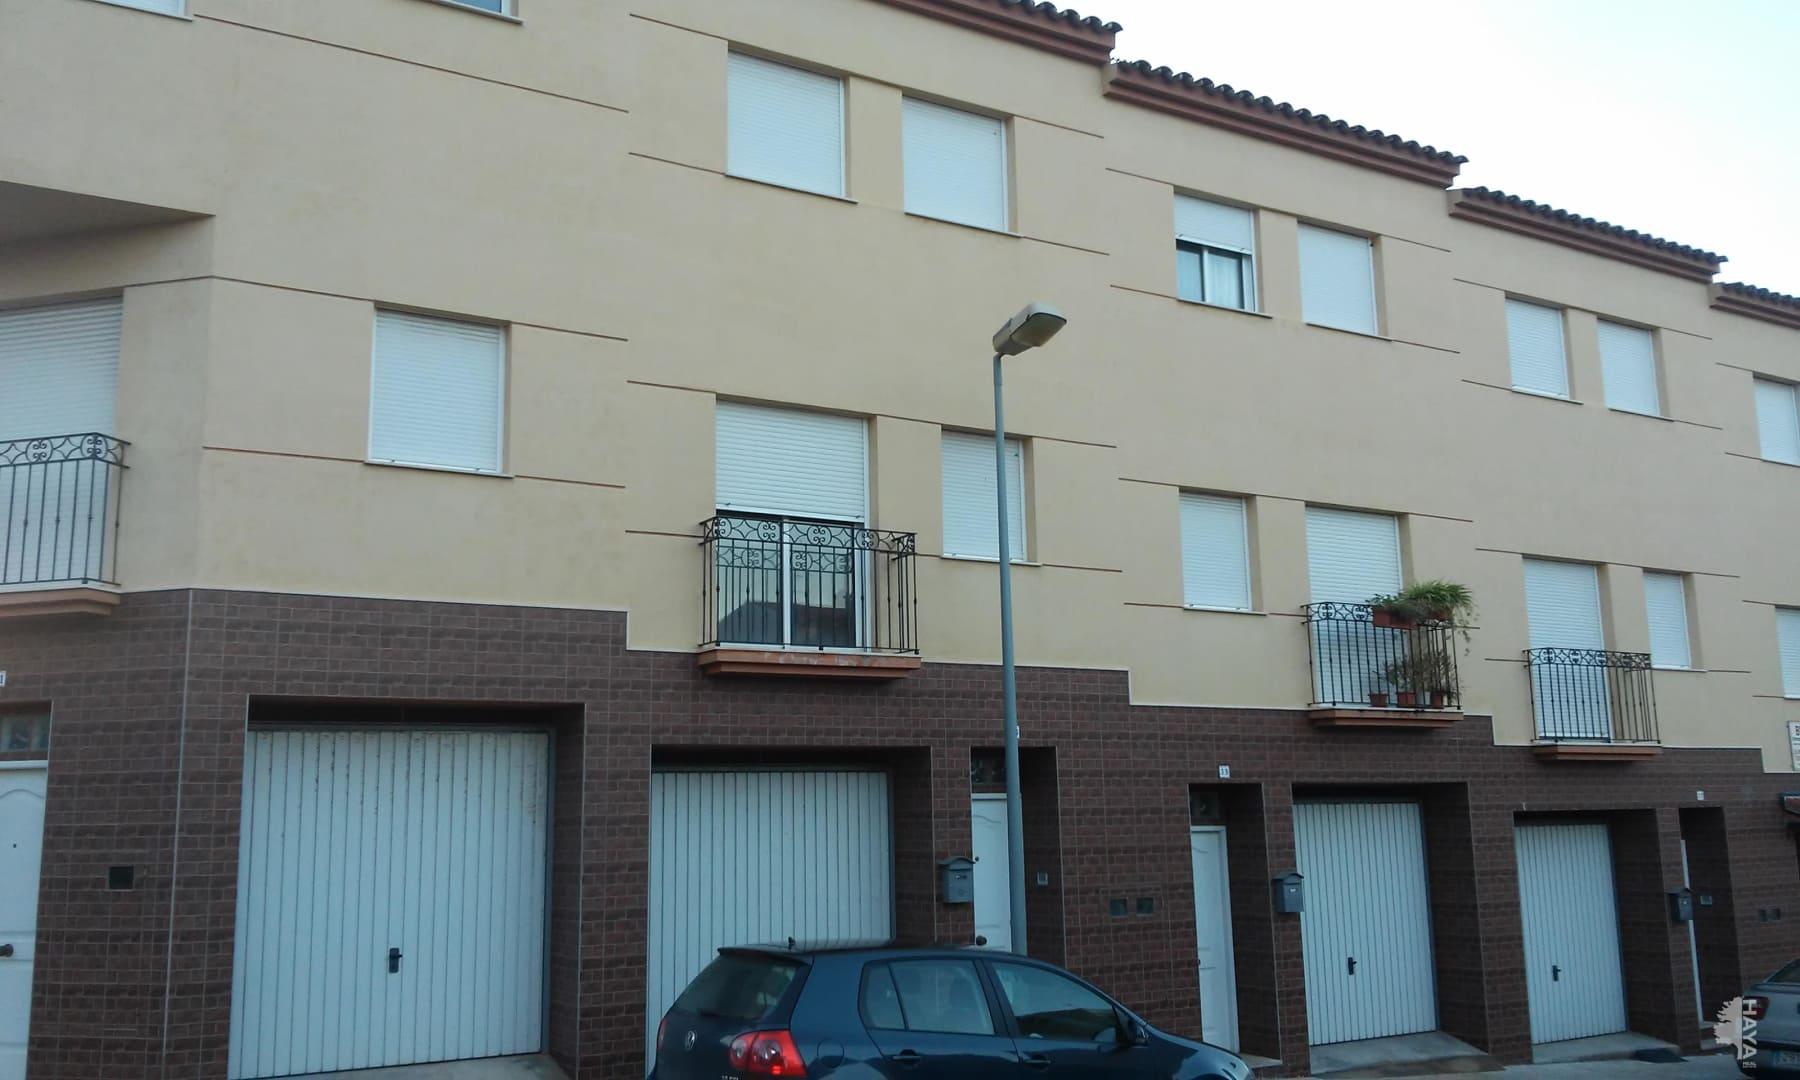 Casa en venta en Vilafamés, Vilafamés, Castellón, Calle Pintor Joan Reus, 174.400 €, 3 habitaciones, 2 baños, 221 m2